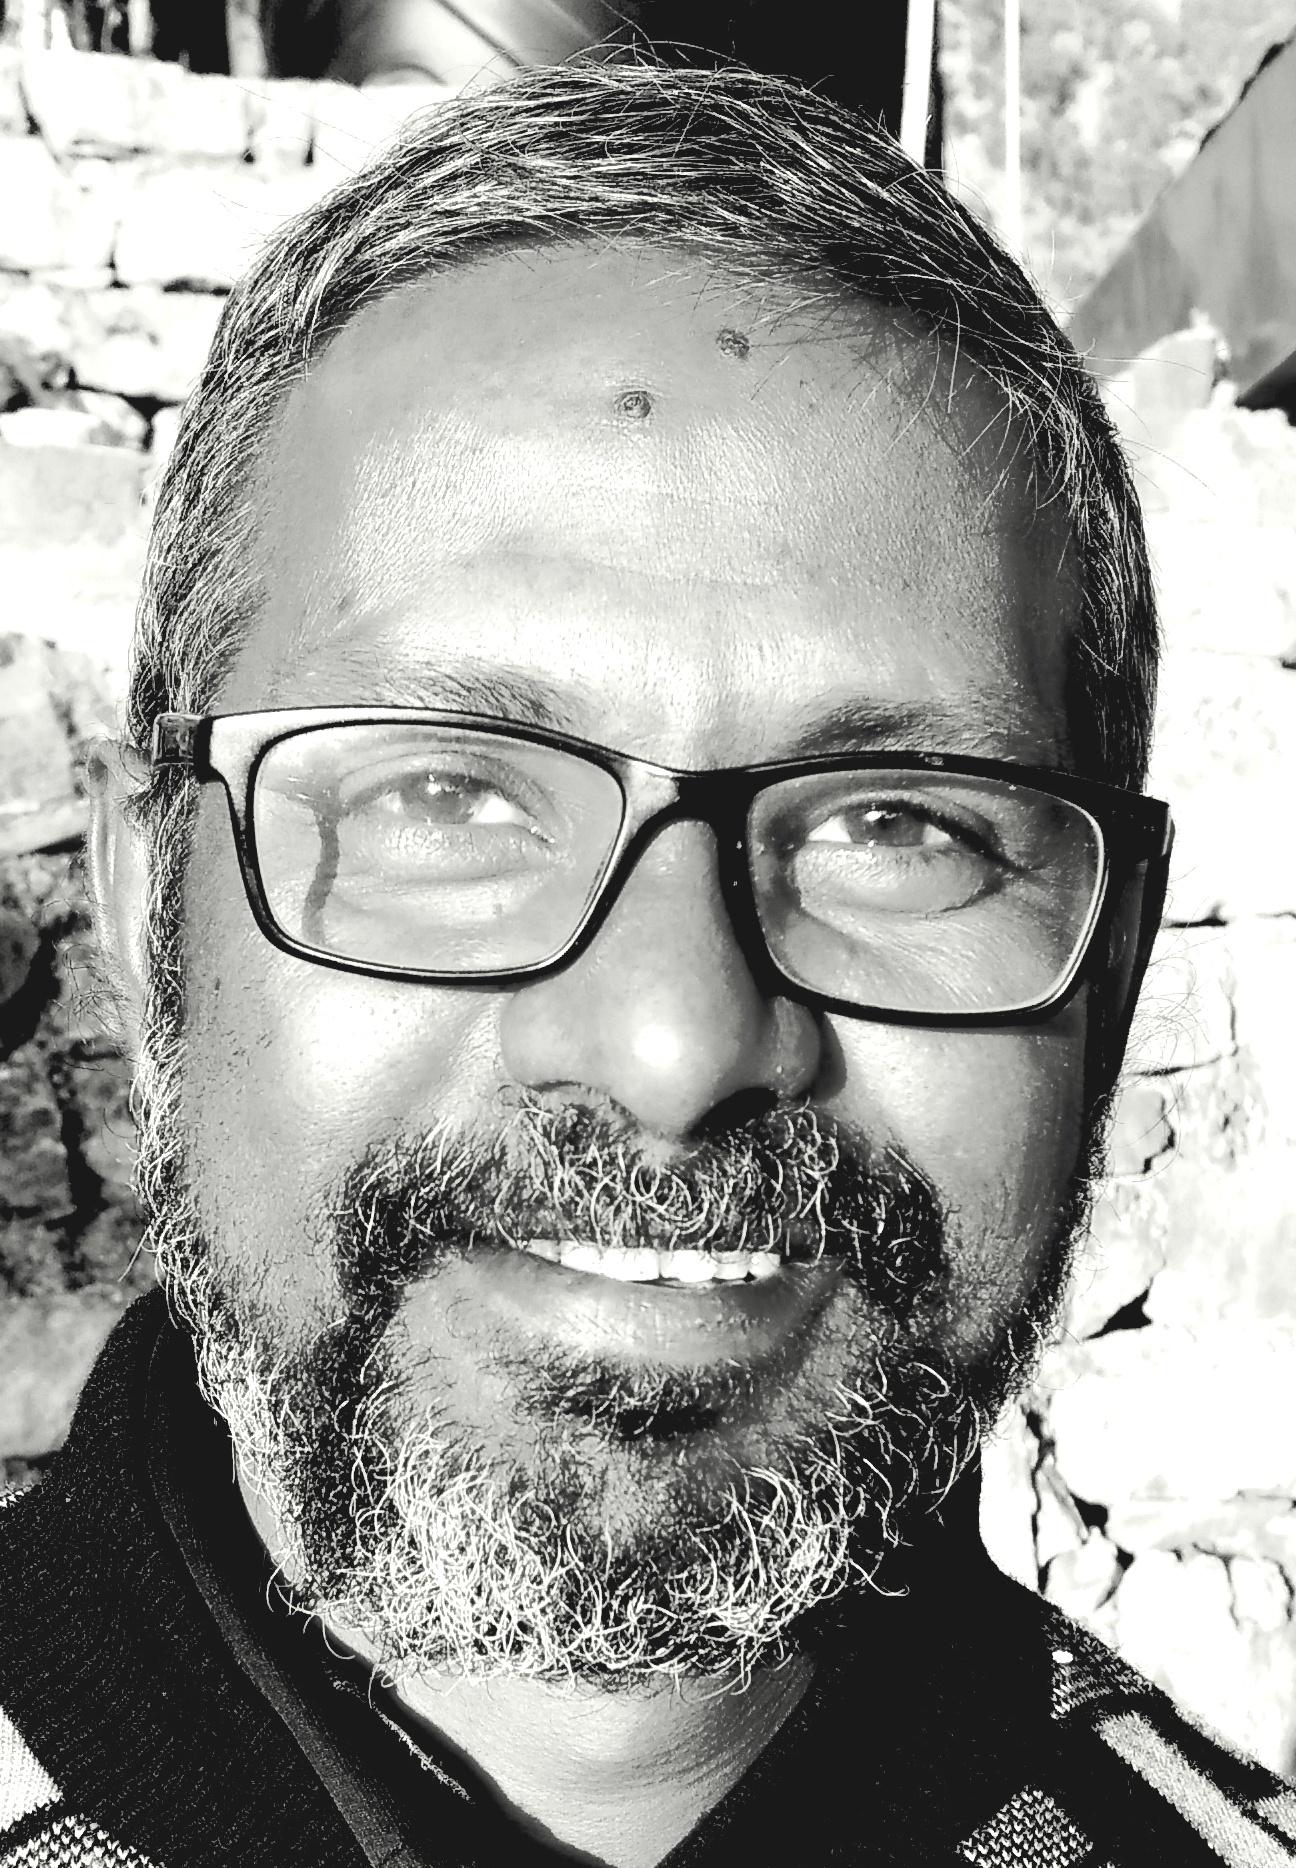 Anupam Saxena